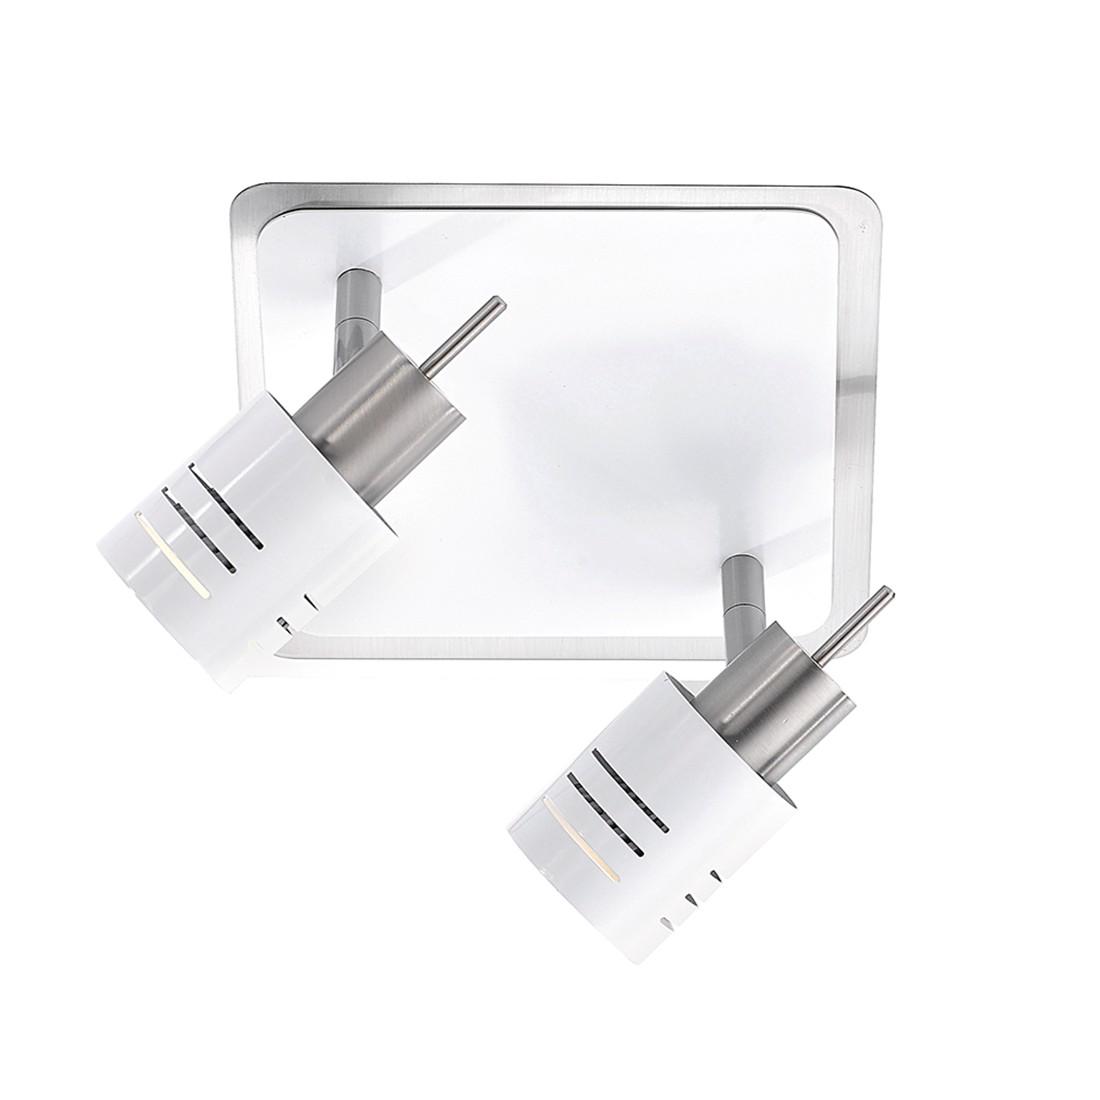 LED Deckenbogen - Aluminium-Metall - 4-flammig, FLI Leuchten